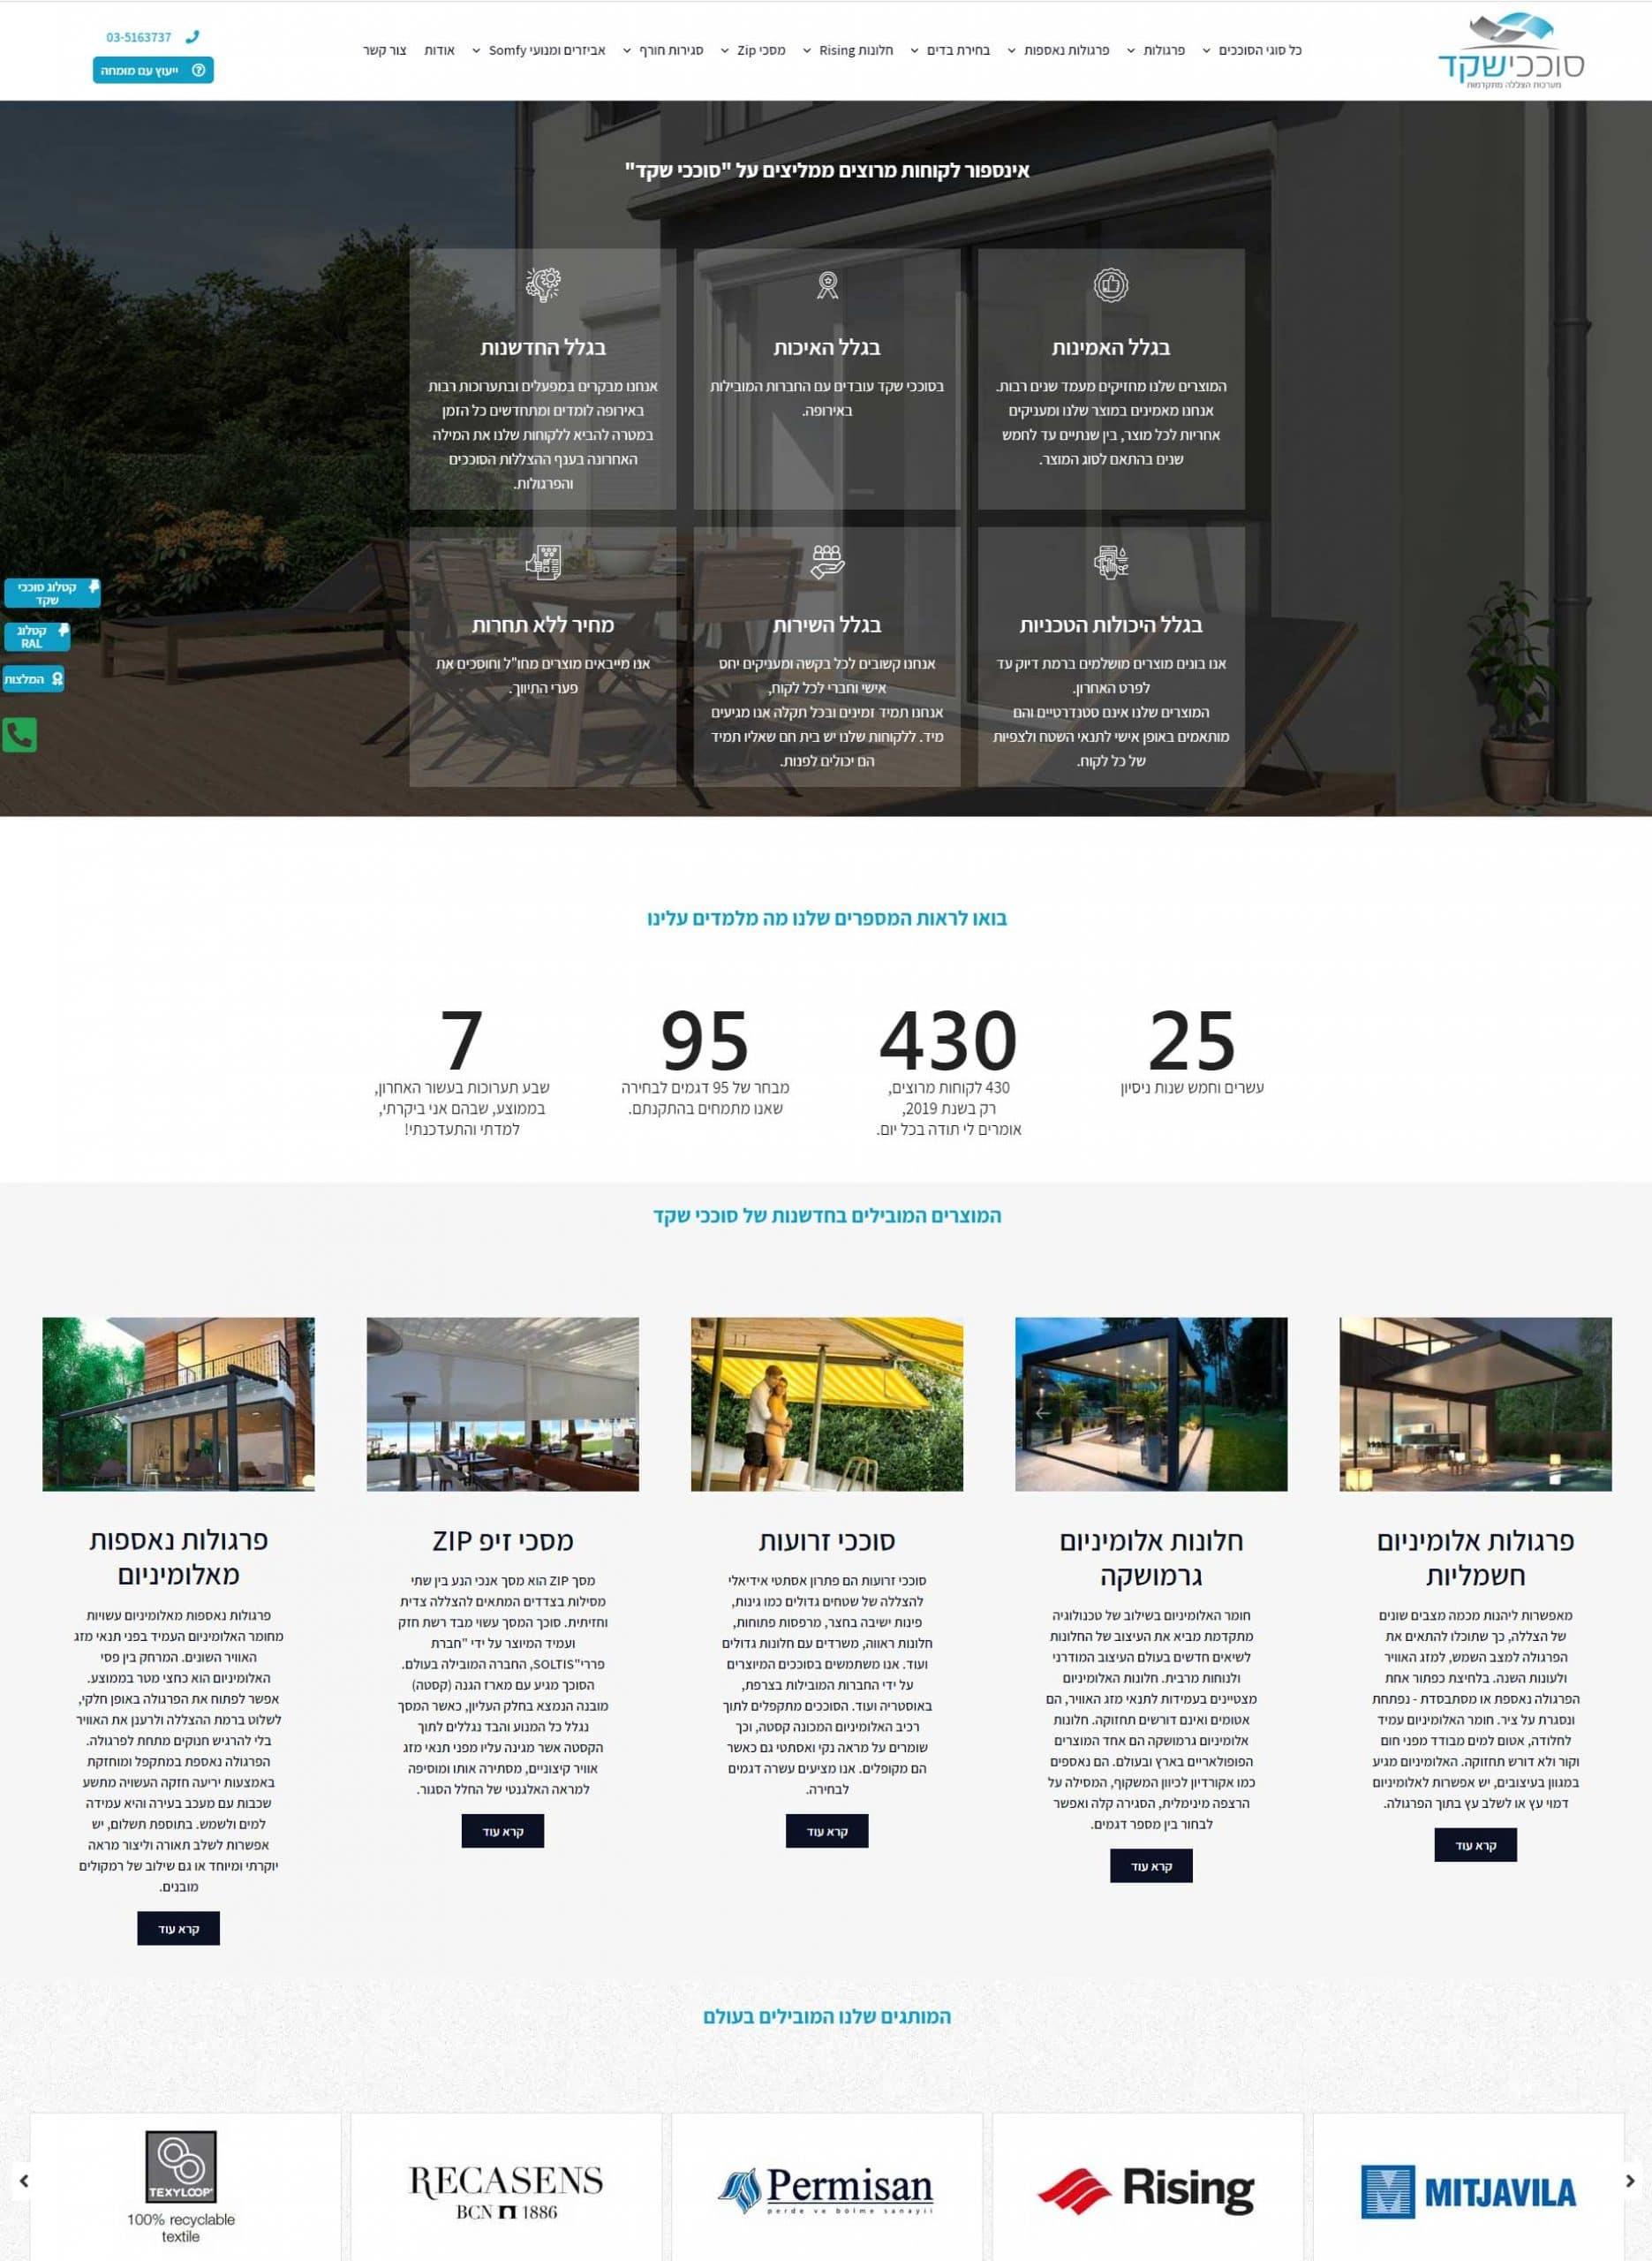 מעוף עיצובים - עיצוב ובניית אתר סוככי שקד